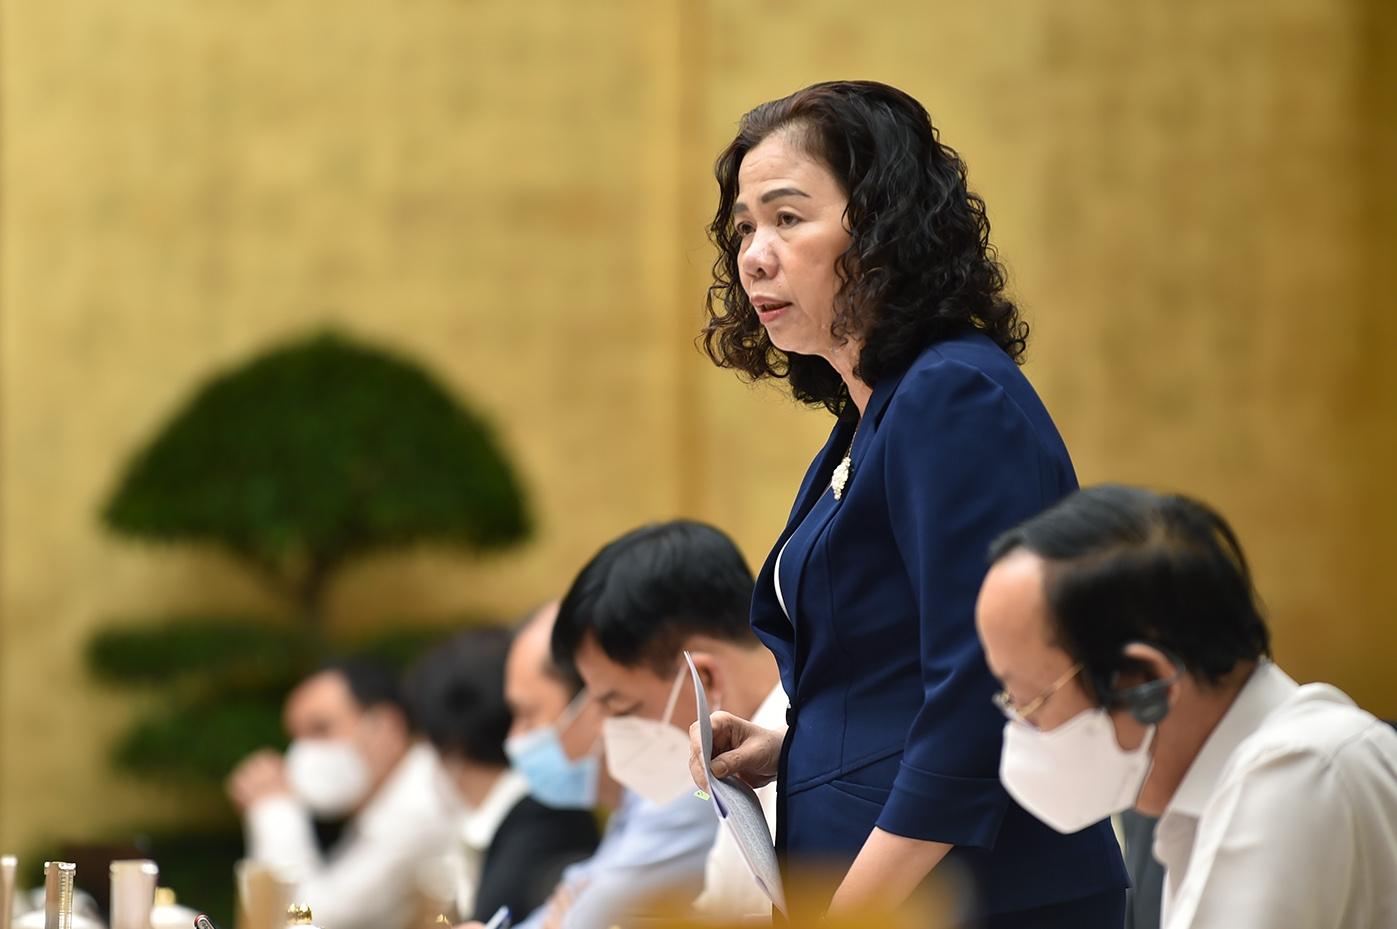 Lãnh đạo các Bộ ngành, địa phương giải đáp những kiến nghị, đề xuất của doanh nghiệp EU. Ảnh: VGP/Nhật Bắc